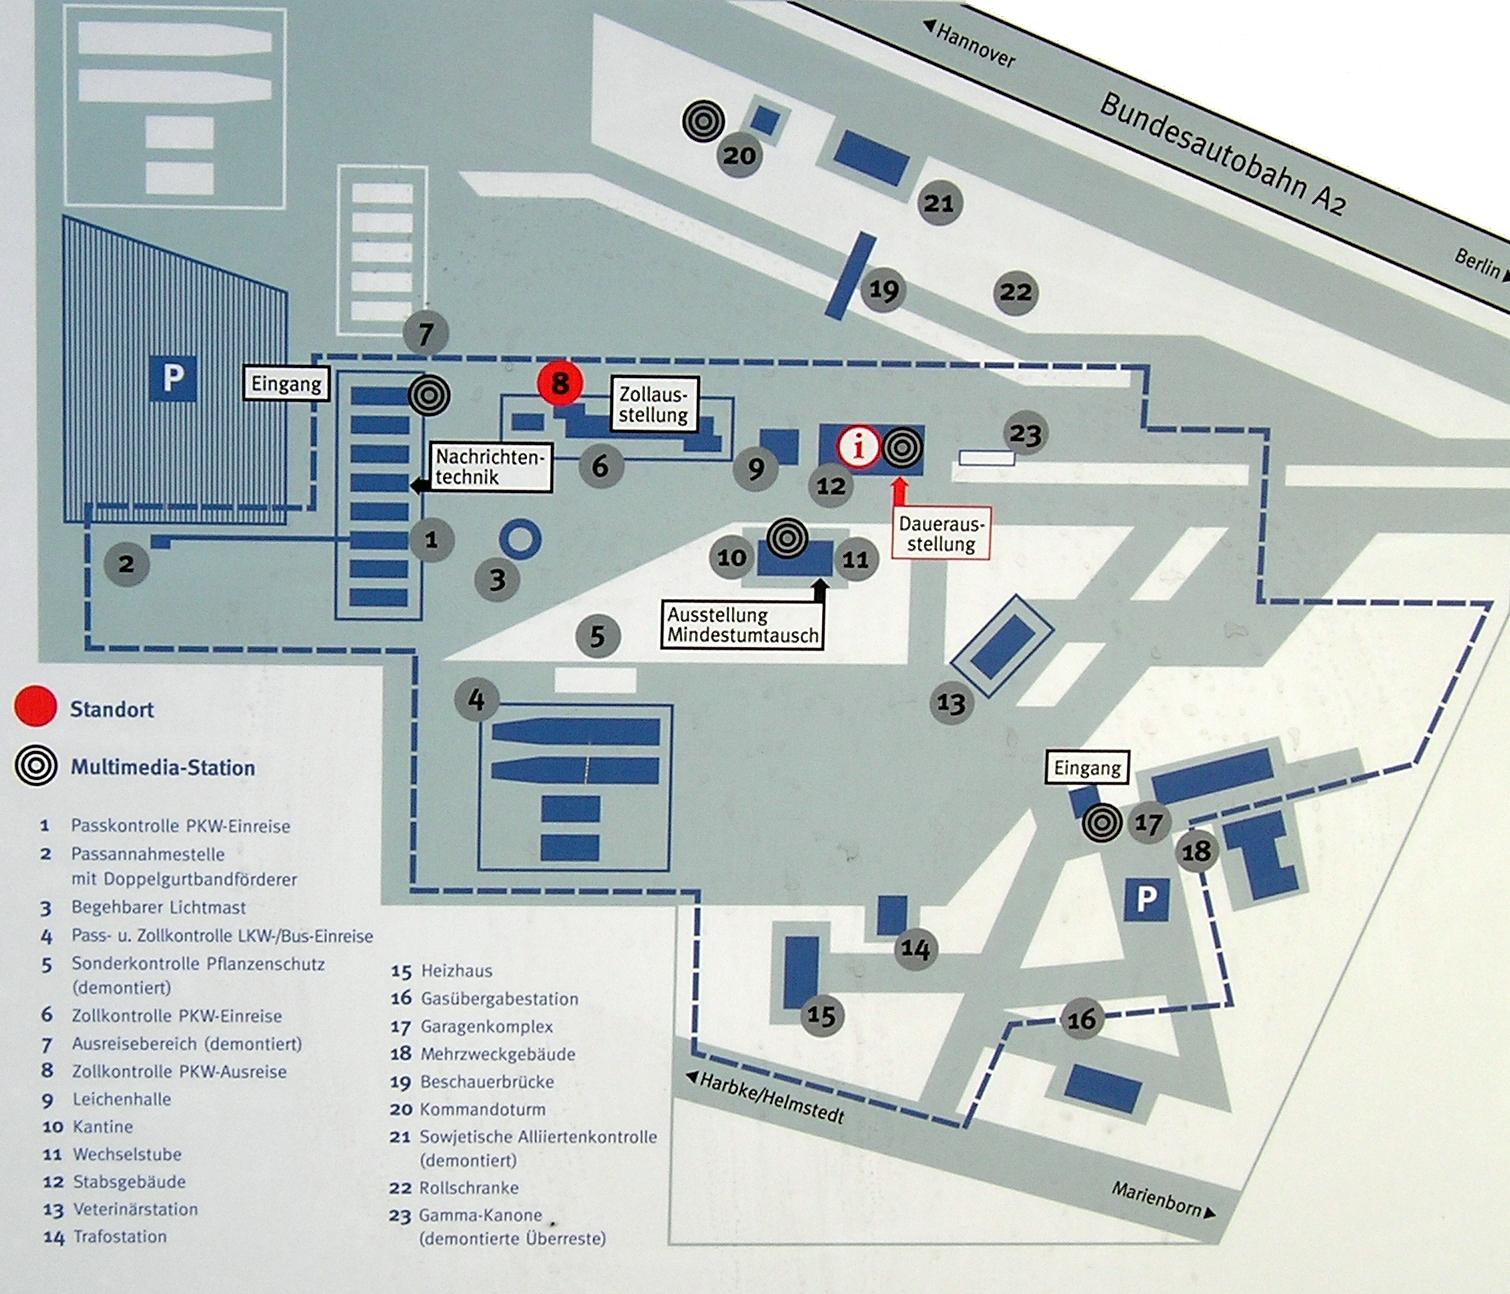 Grensovergang-helmstedt-marienborn-plattegrond.JPG